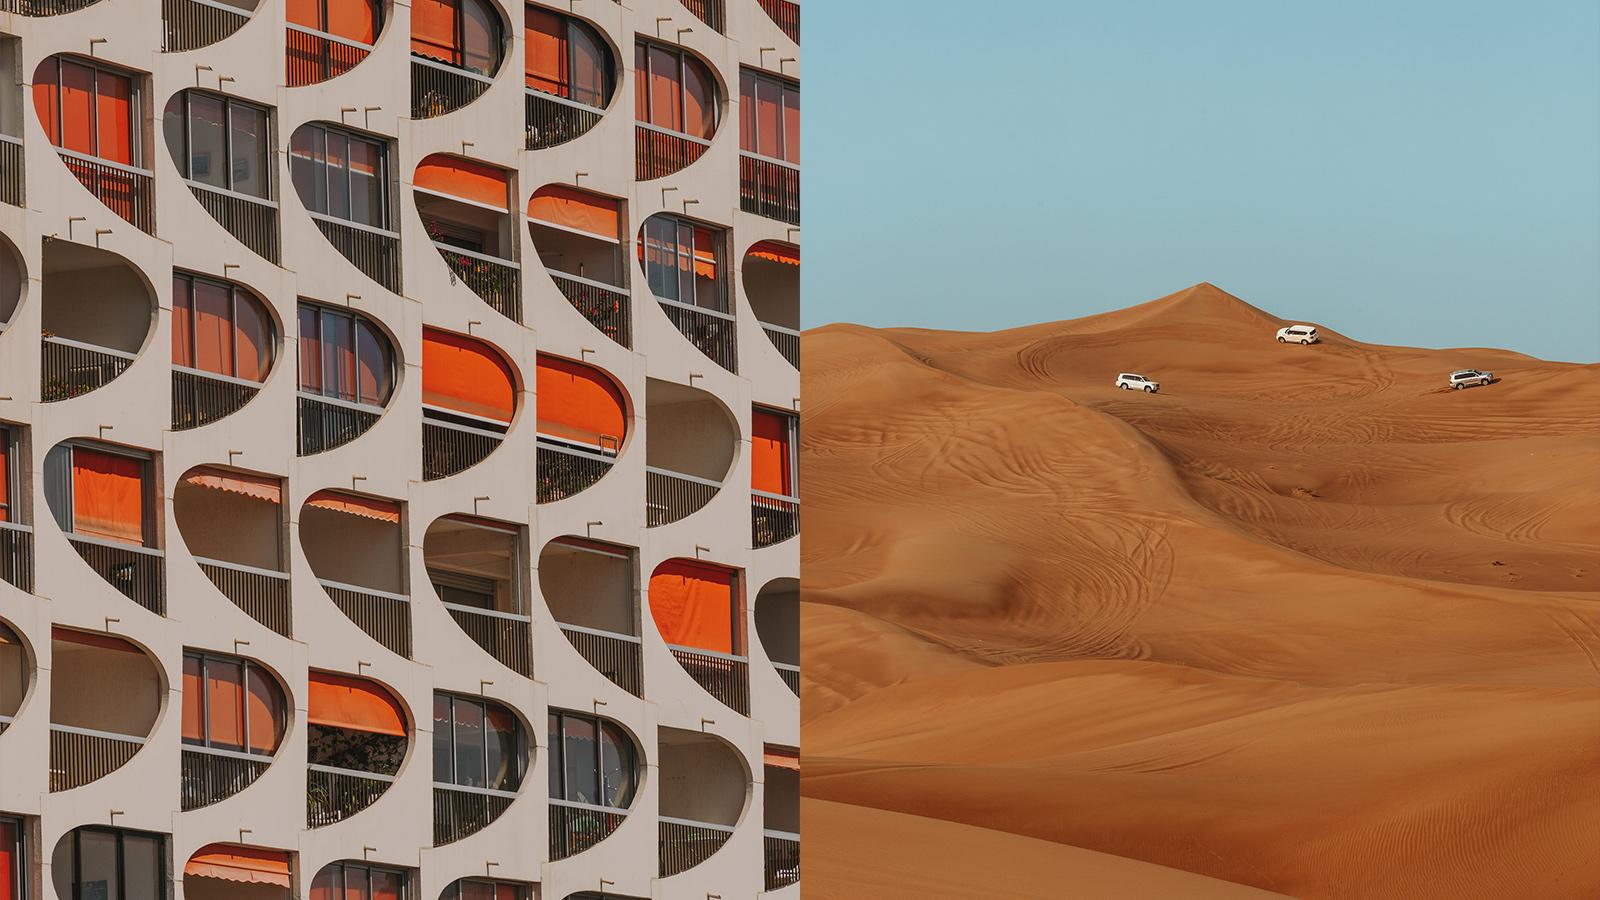 (좌) La Grande Motte, France, 2020 / (우) Dubai, UAE, 2018